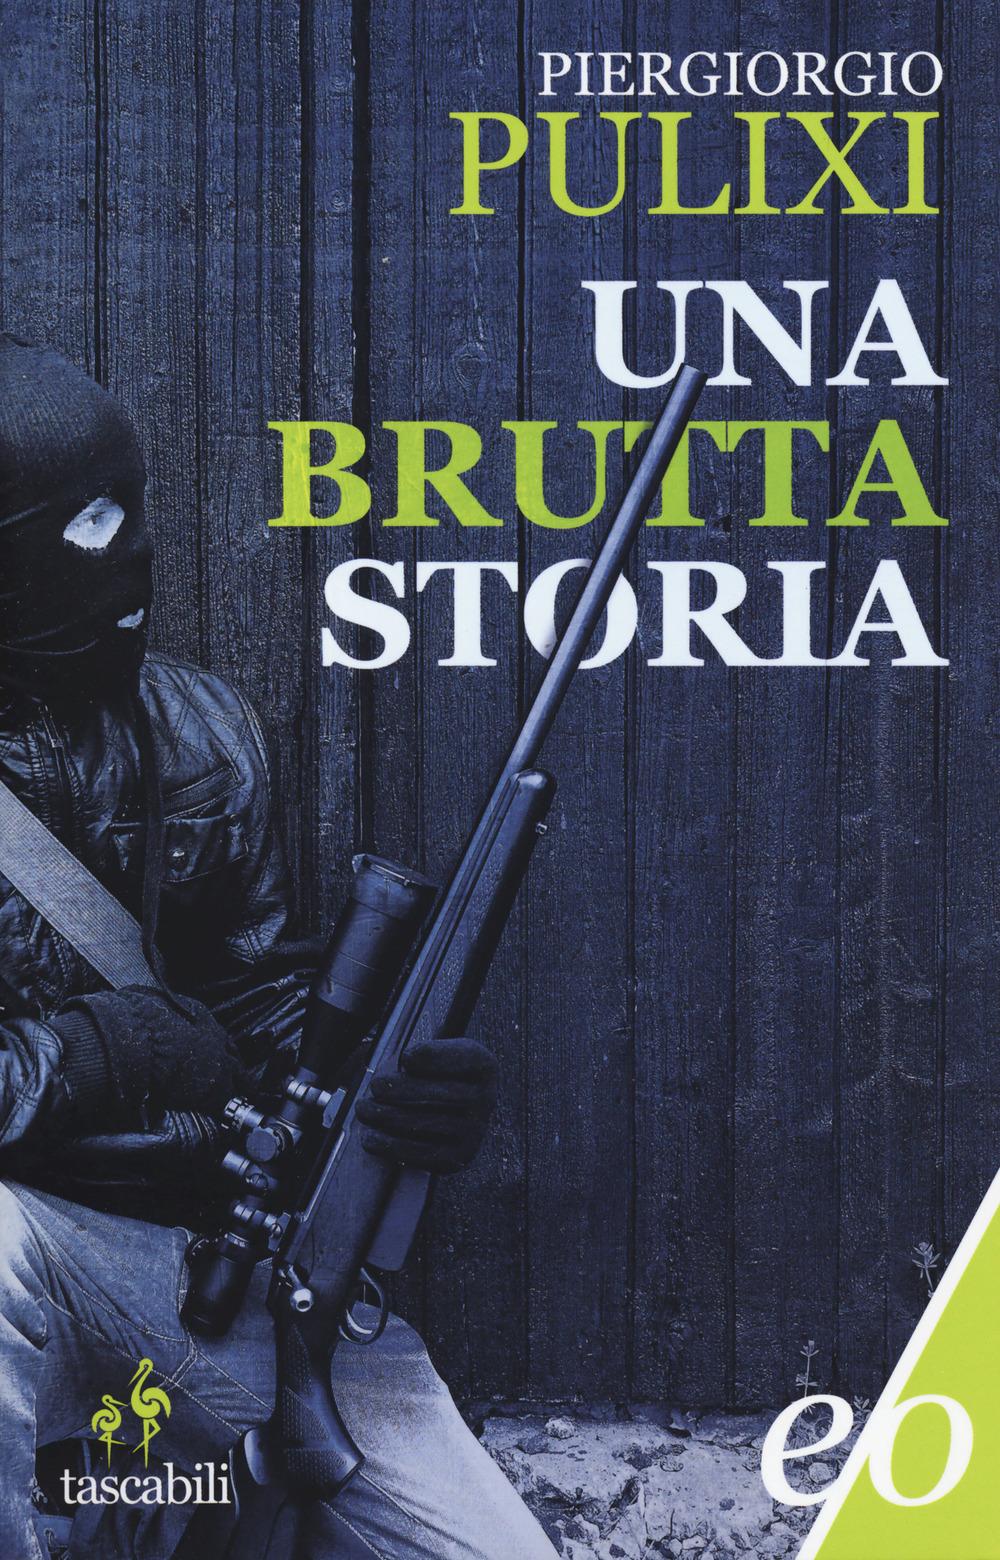 BRUTTA STORIA (UNA) - 9788833570822